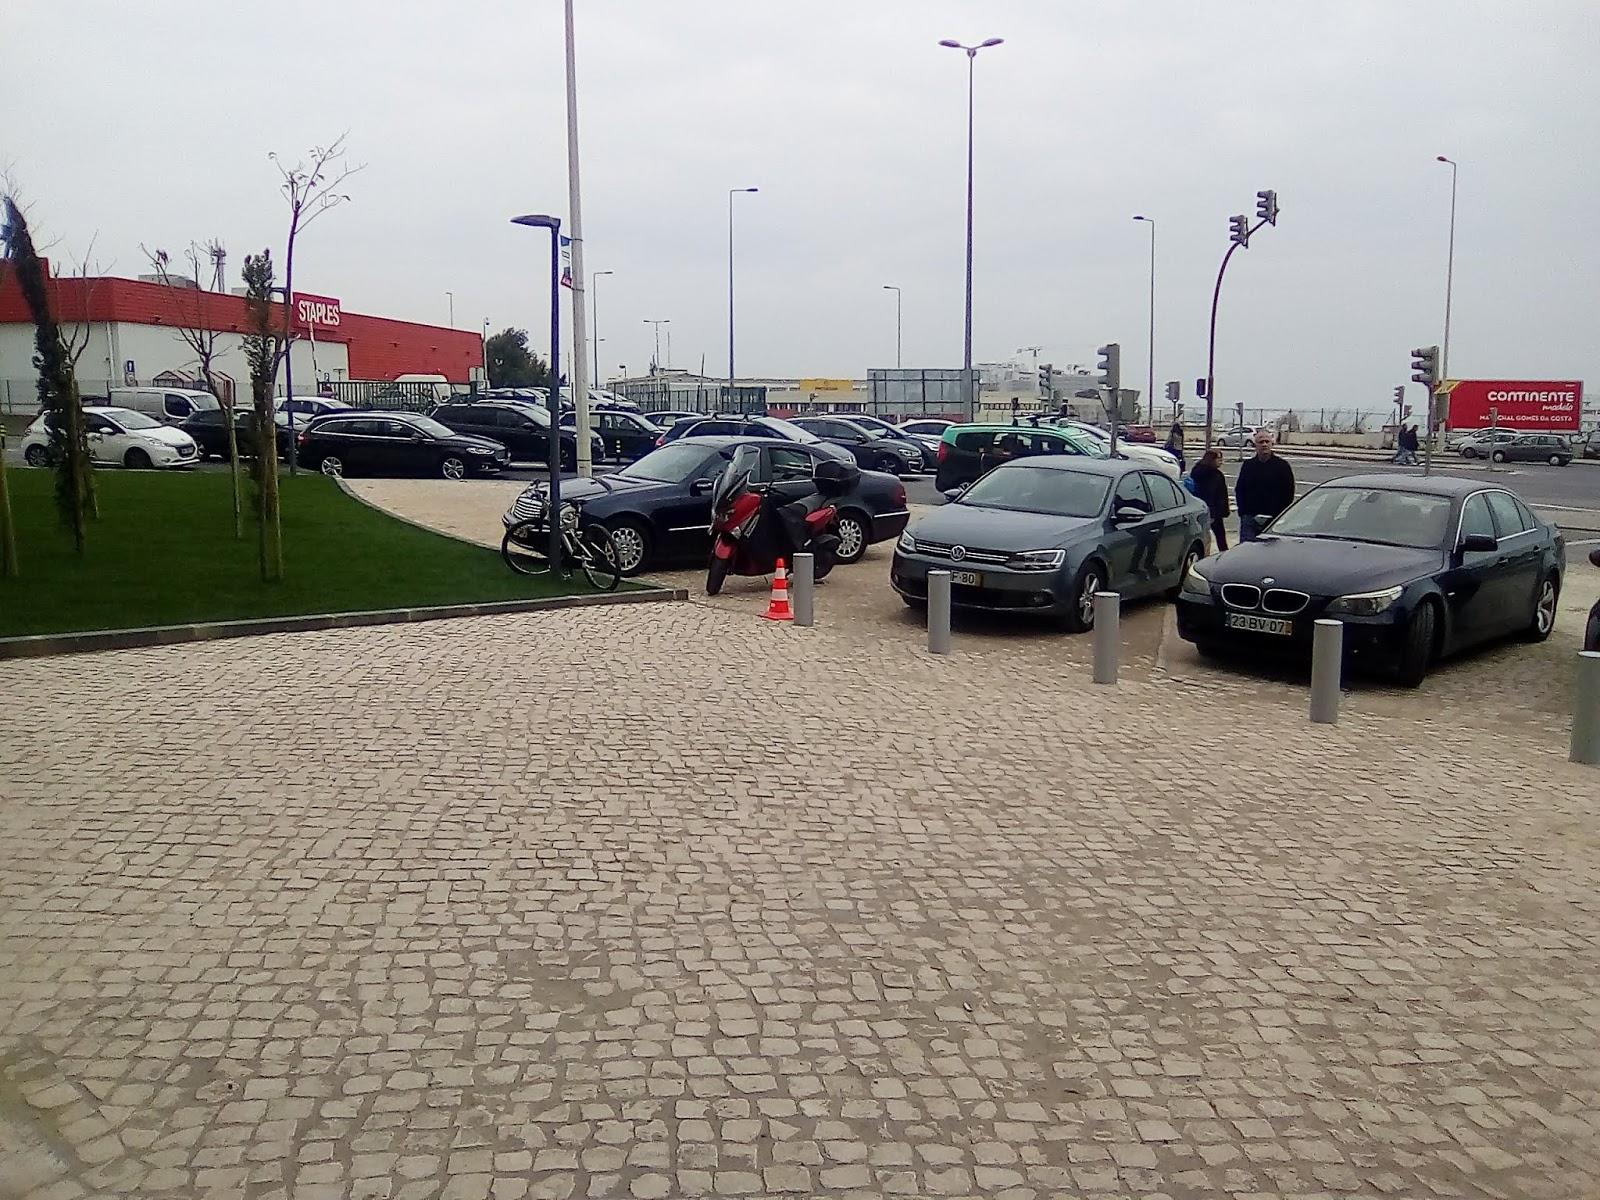 cd71463cc Estas imagens são da nova Decathlon situada no Batista Russo em Lisboa. Não  tem esta Decathlon parque de estacionamento